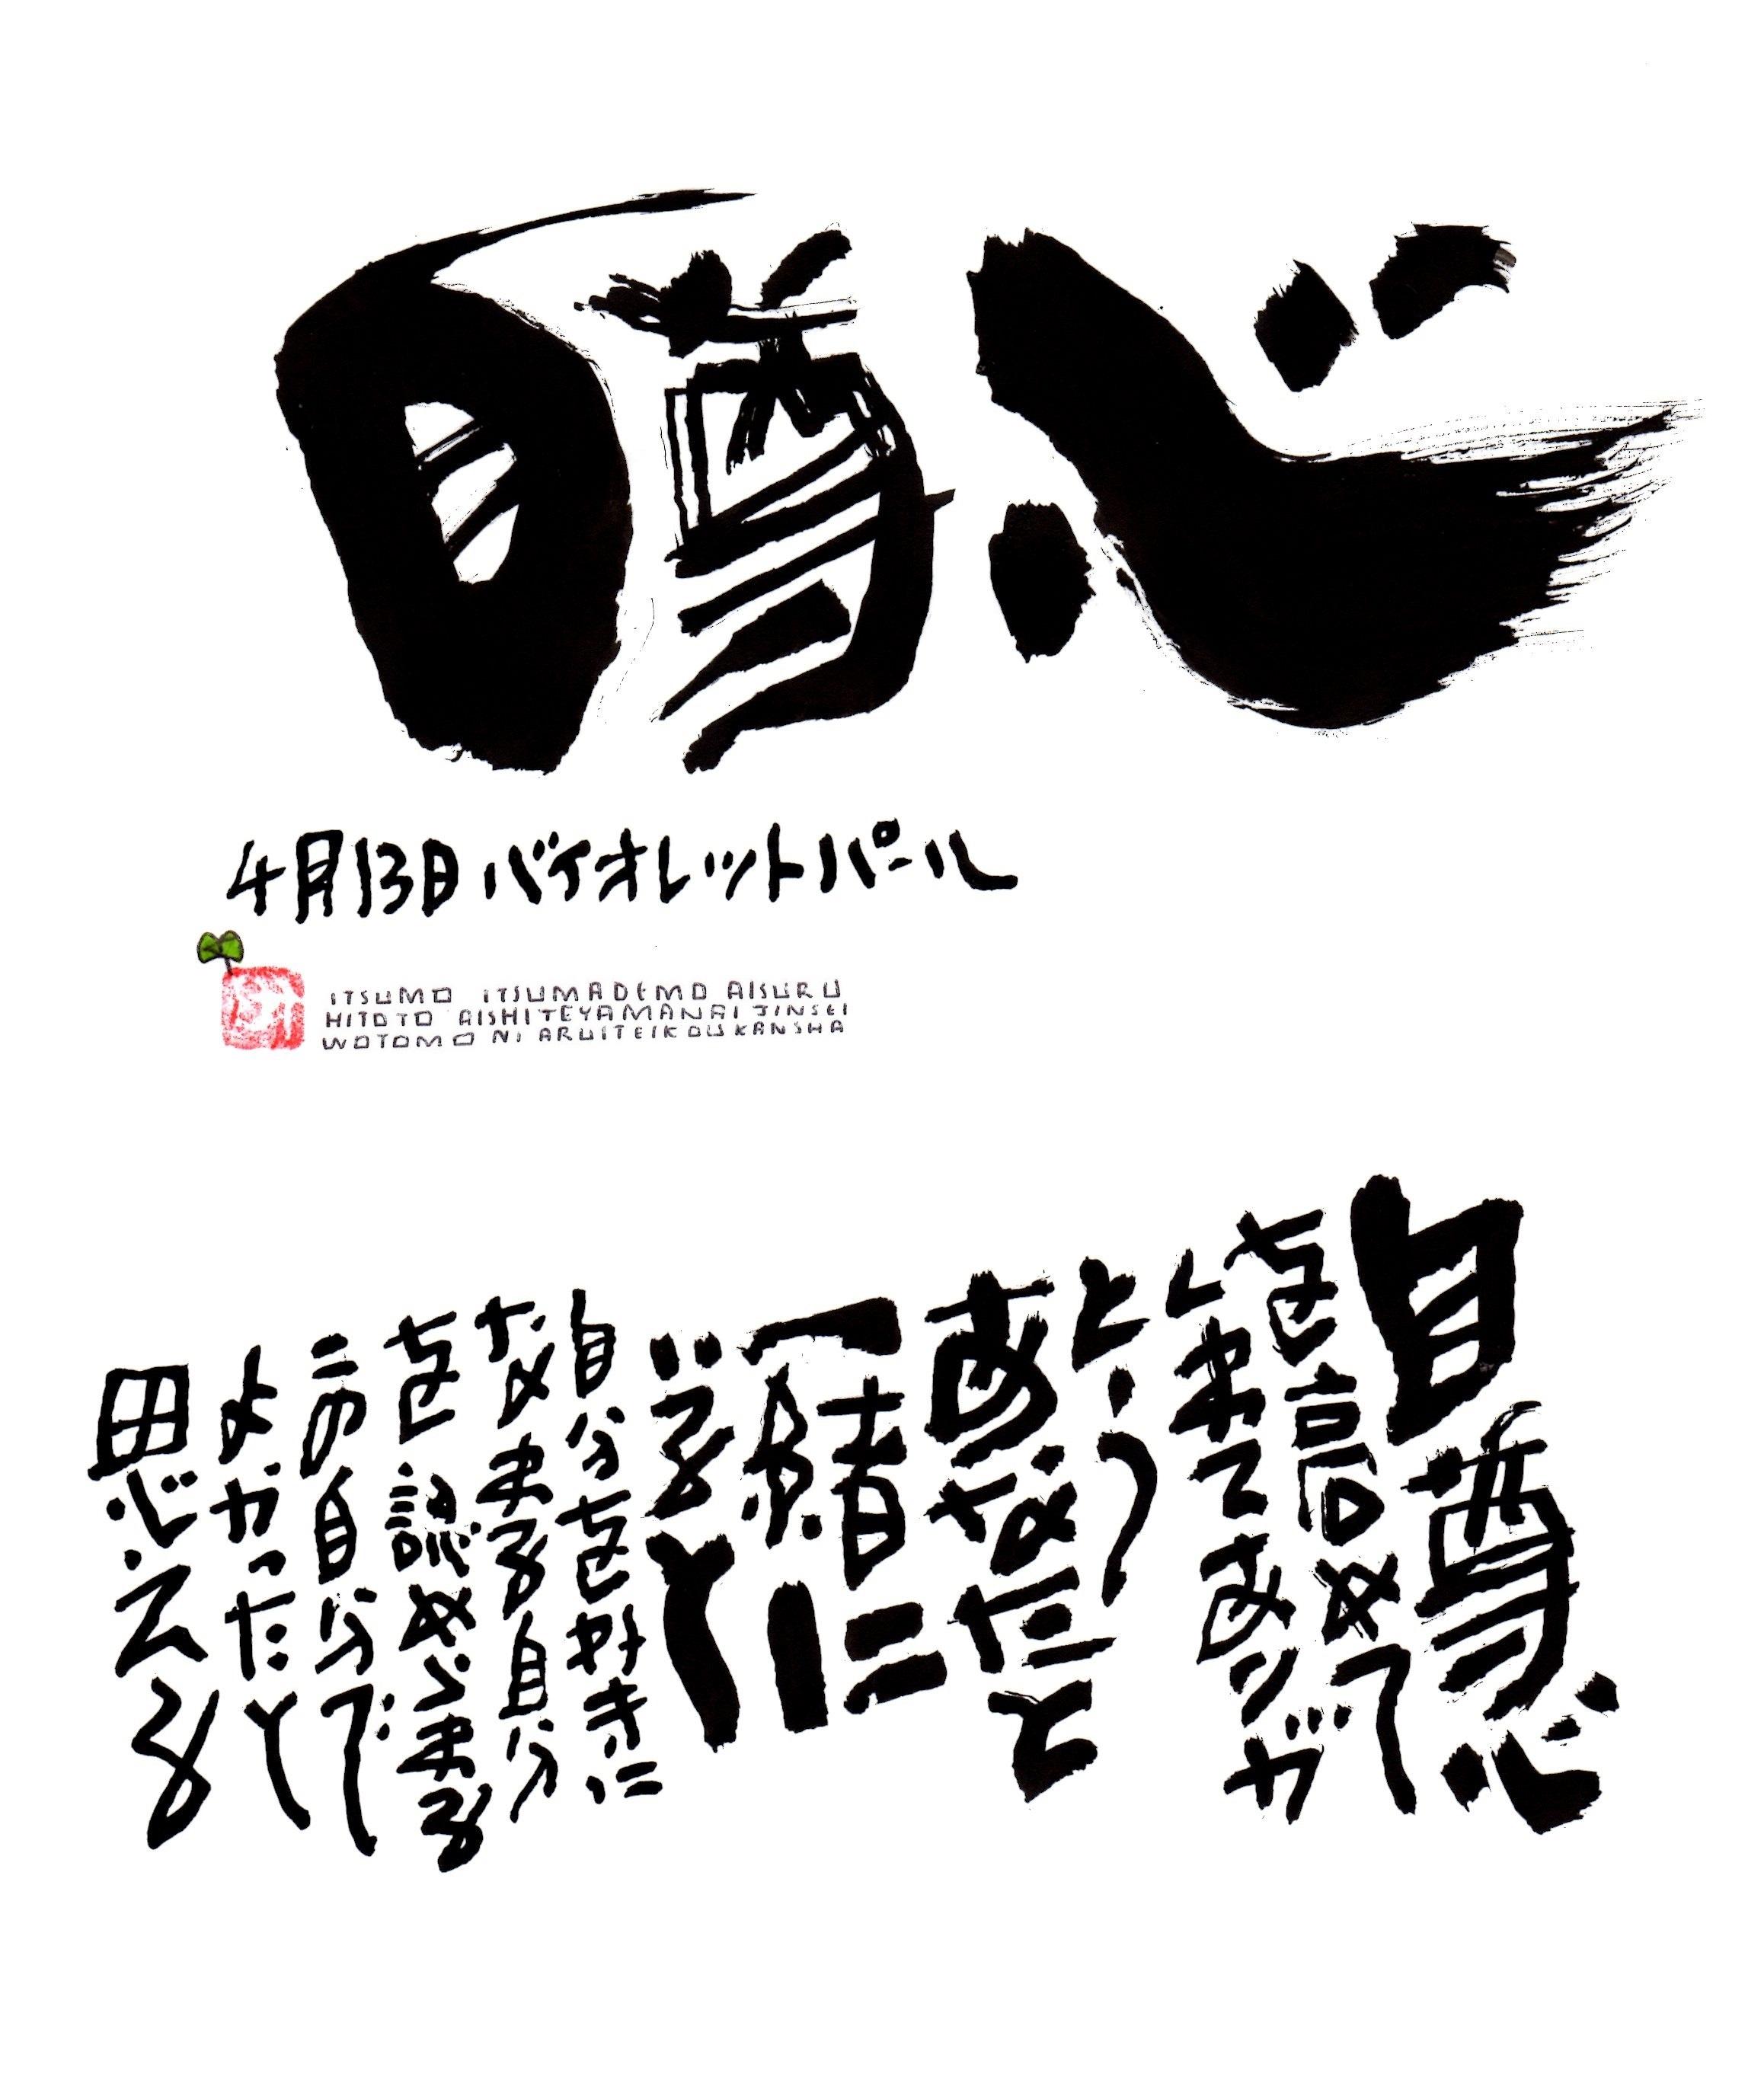 4月13日 結婚記念日ポストカード【自尊心】